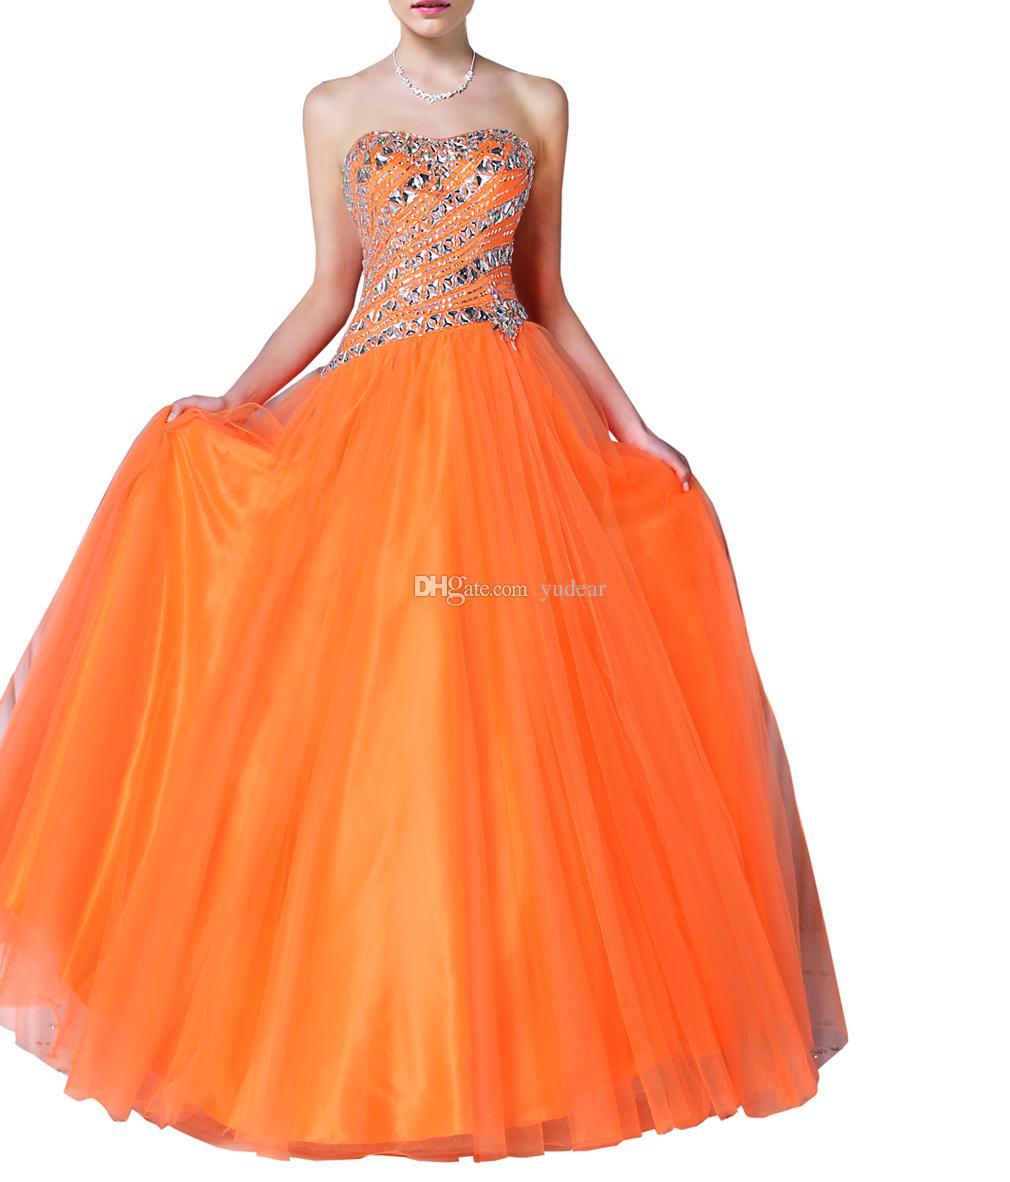 2021 لامع الراين فساتين Quinceanera حقيقية كصور حمالة الدانتيل يصل الحلو 15 الأميرة البرتقال حفلة موسيقية جواب السهرة